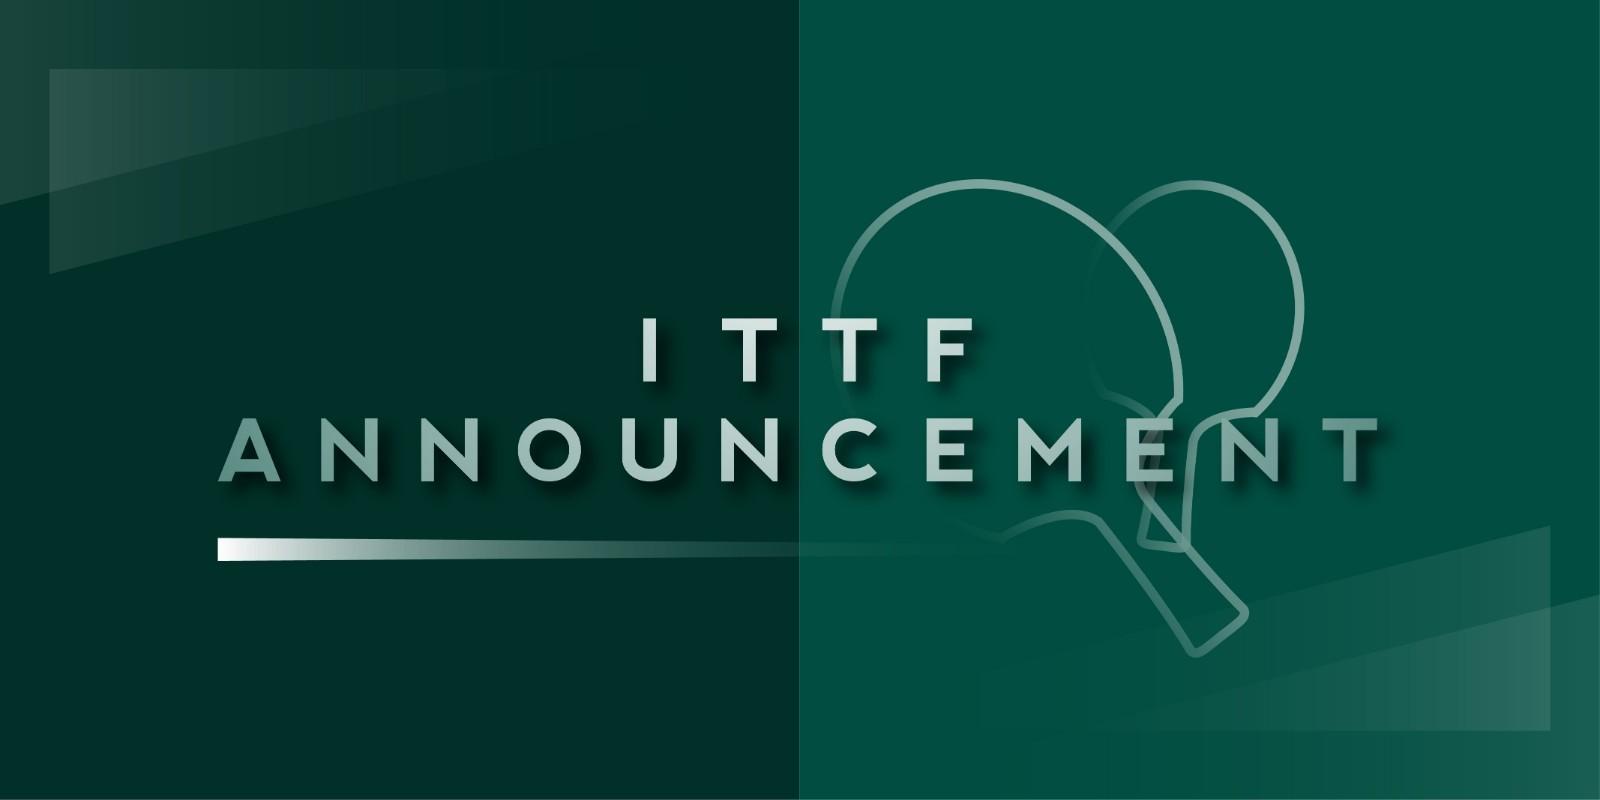 国际乒联宣布暂停8月所有赛事和活动